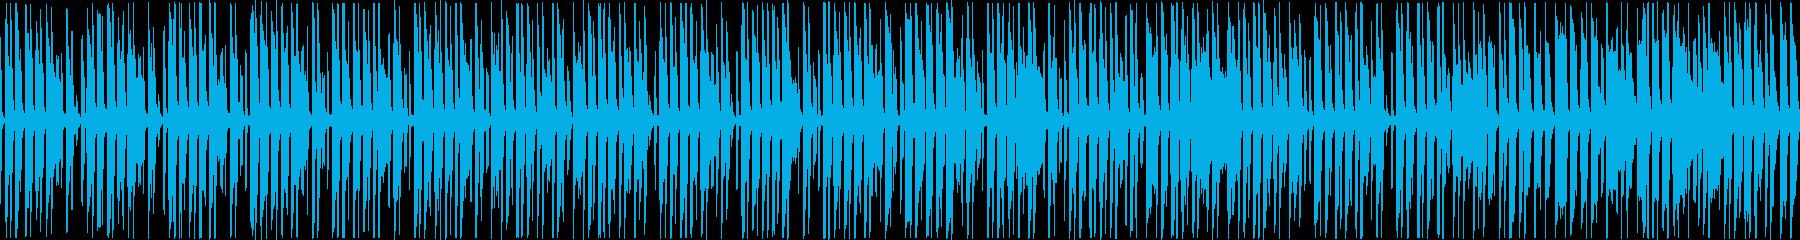 ピコピコした可愛らしい楽曲。ループ可能の再生済みの波形